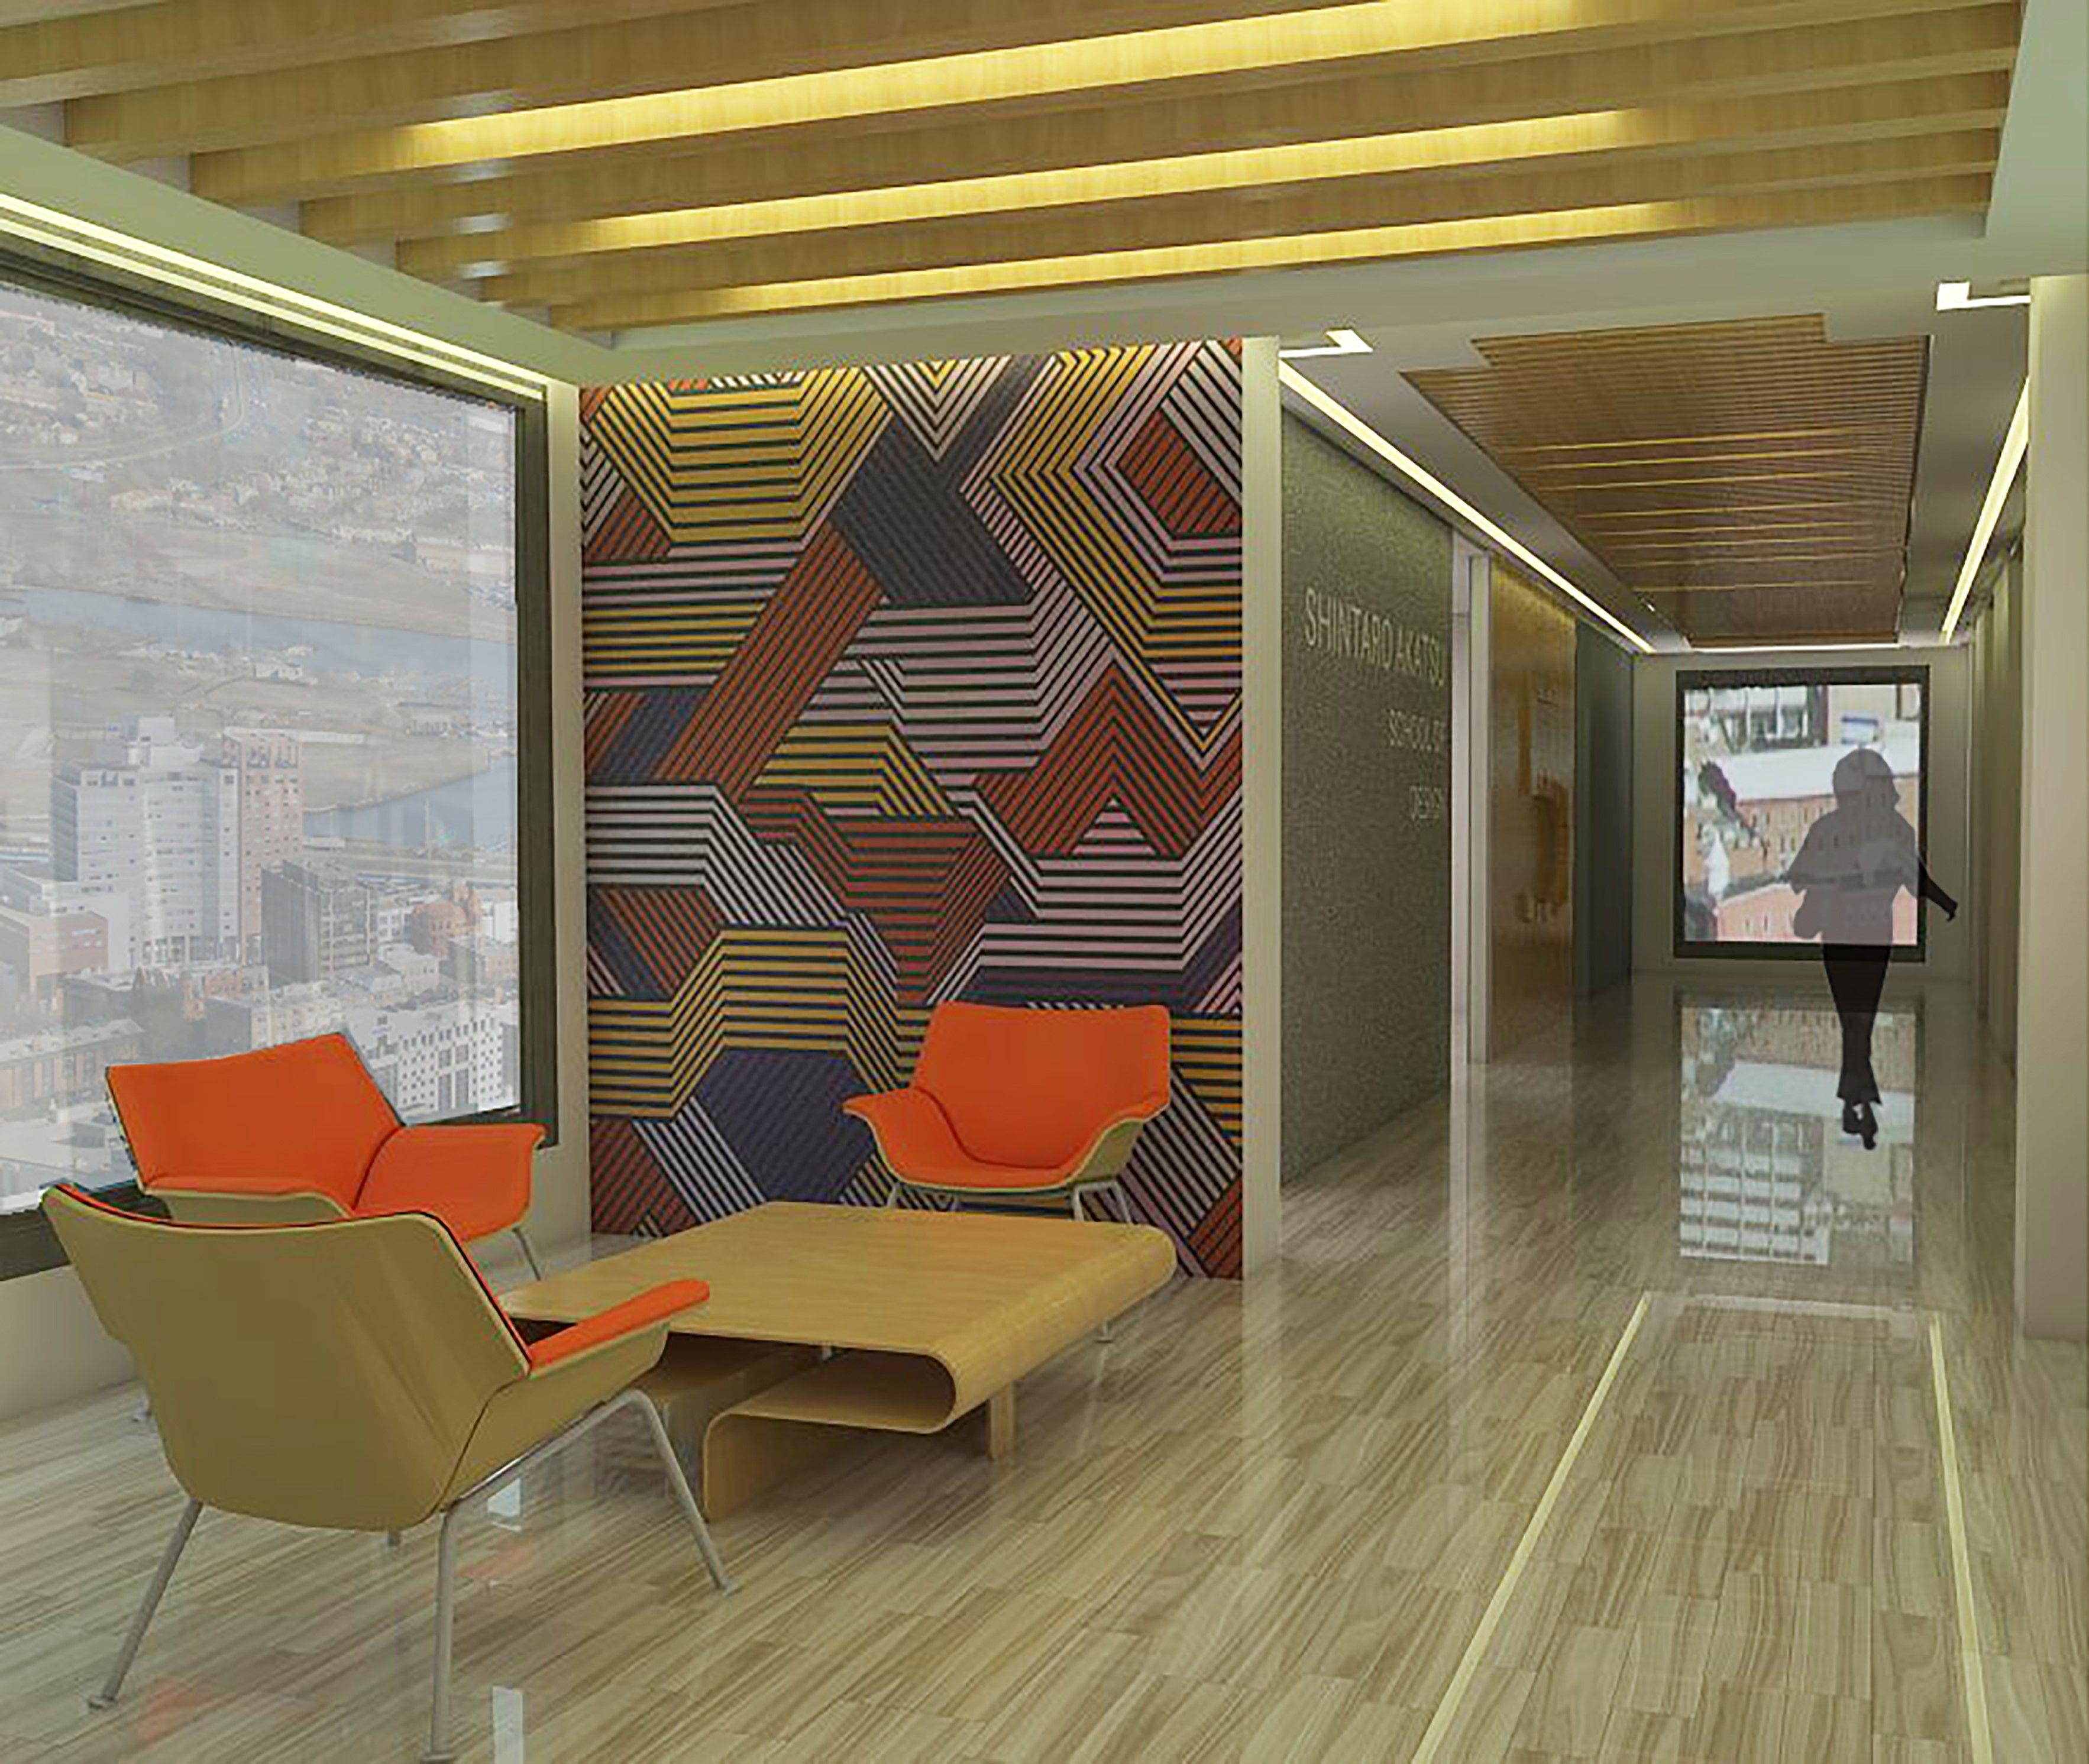 School Interior Design: Shintaro Akatsu School Of Design, University Of Bridgeport